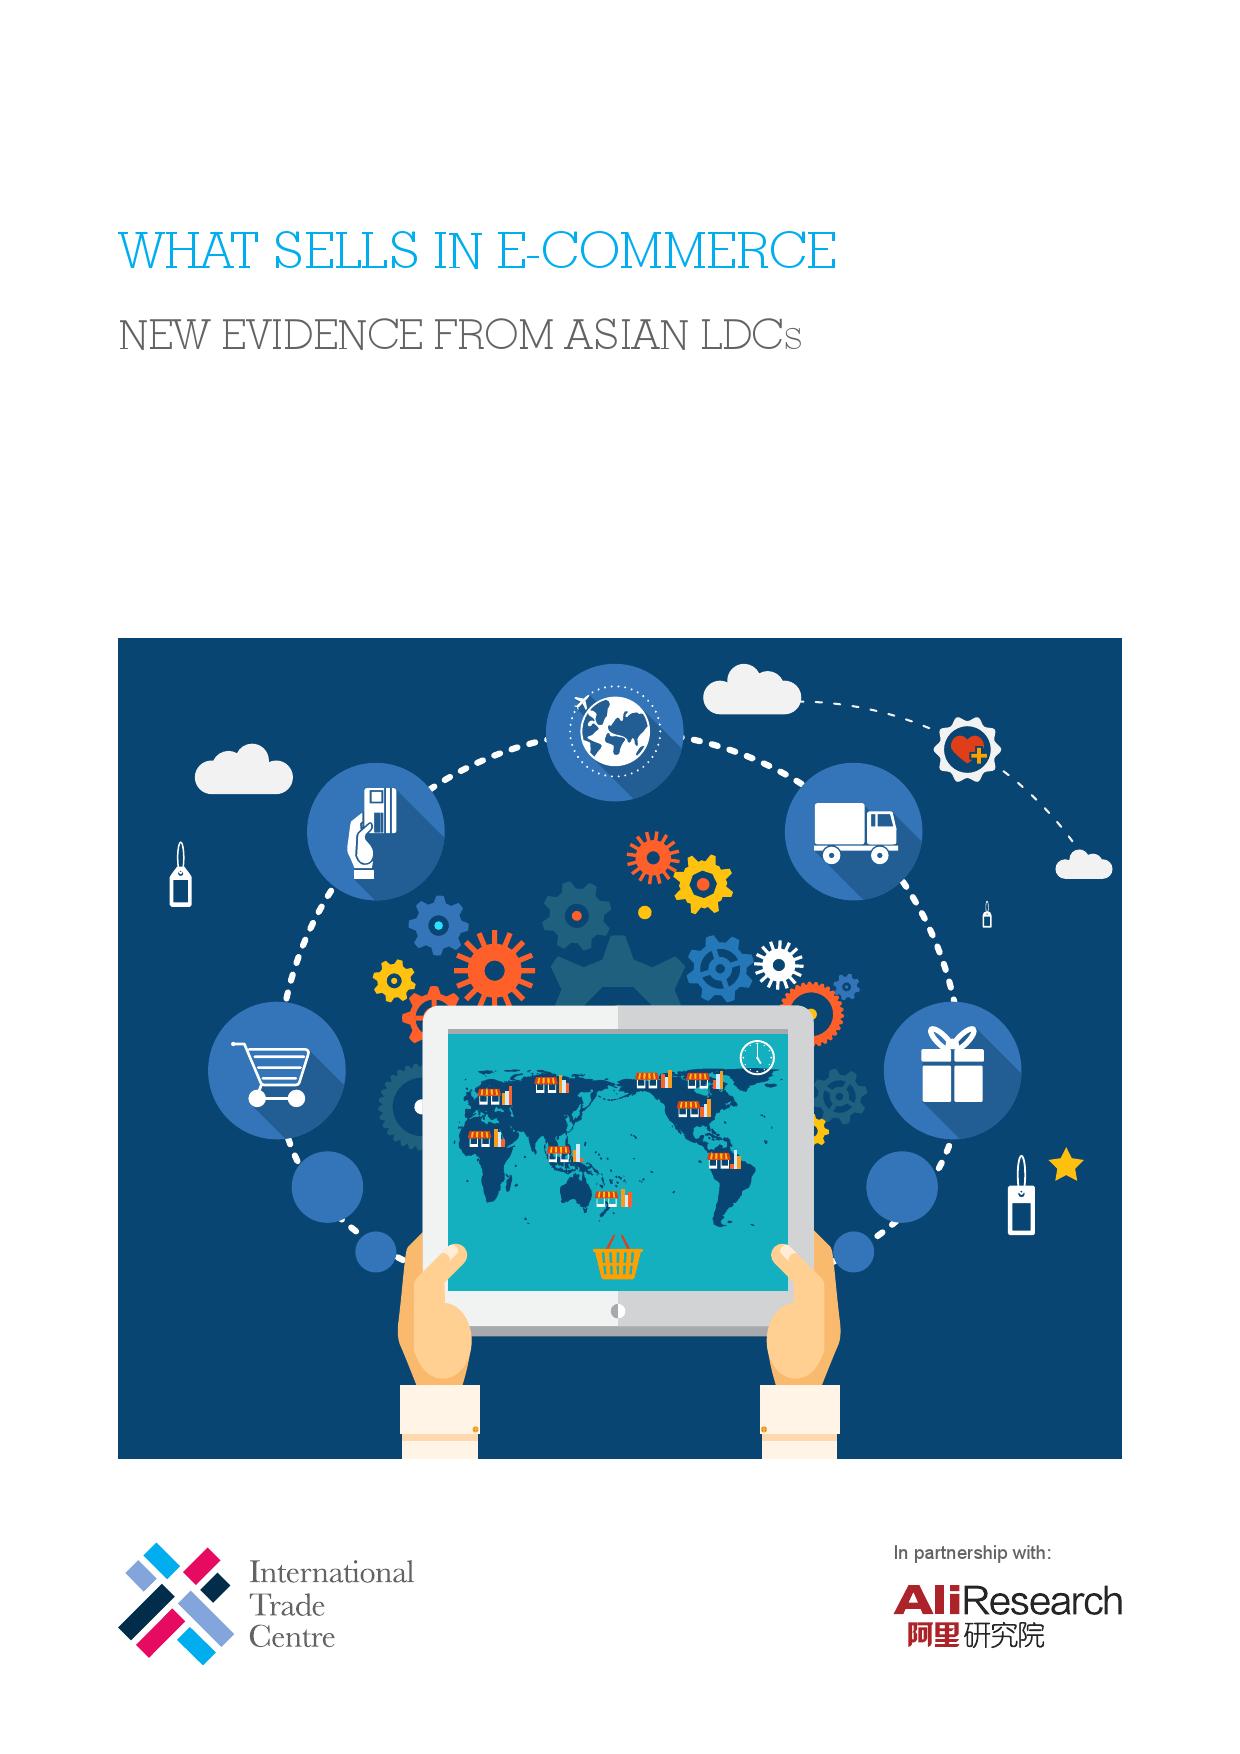 电子商务促进普惠发展:来自亚洲最不发达国家的新证明